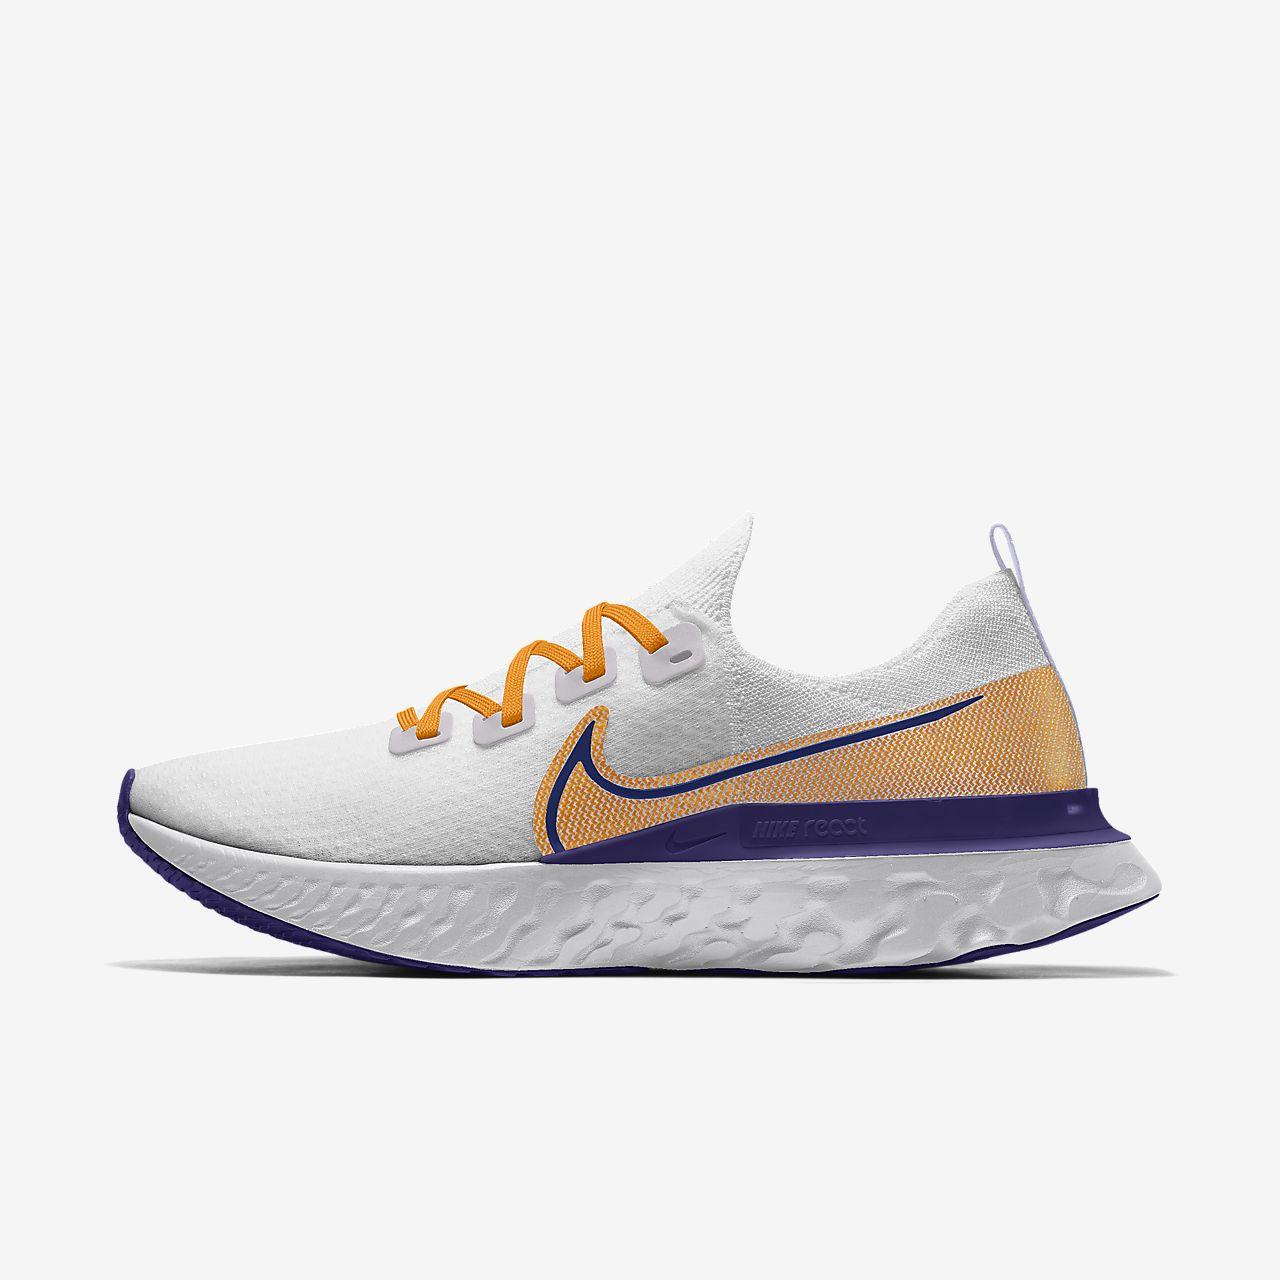 Nike React Infinity Run Flyknit By You Custom Women's Running Shoe